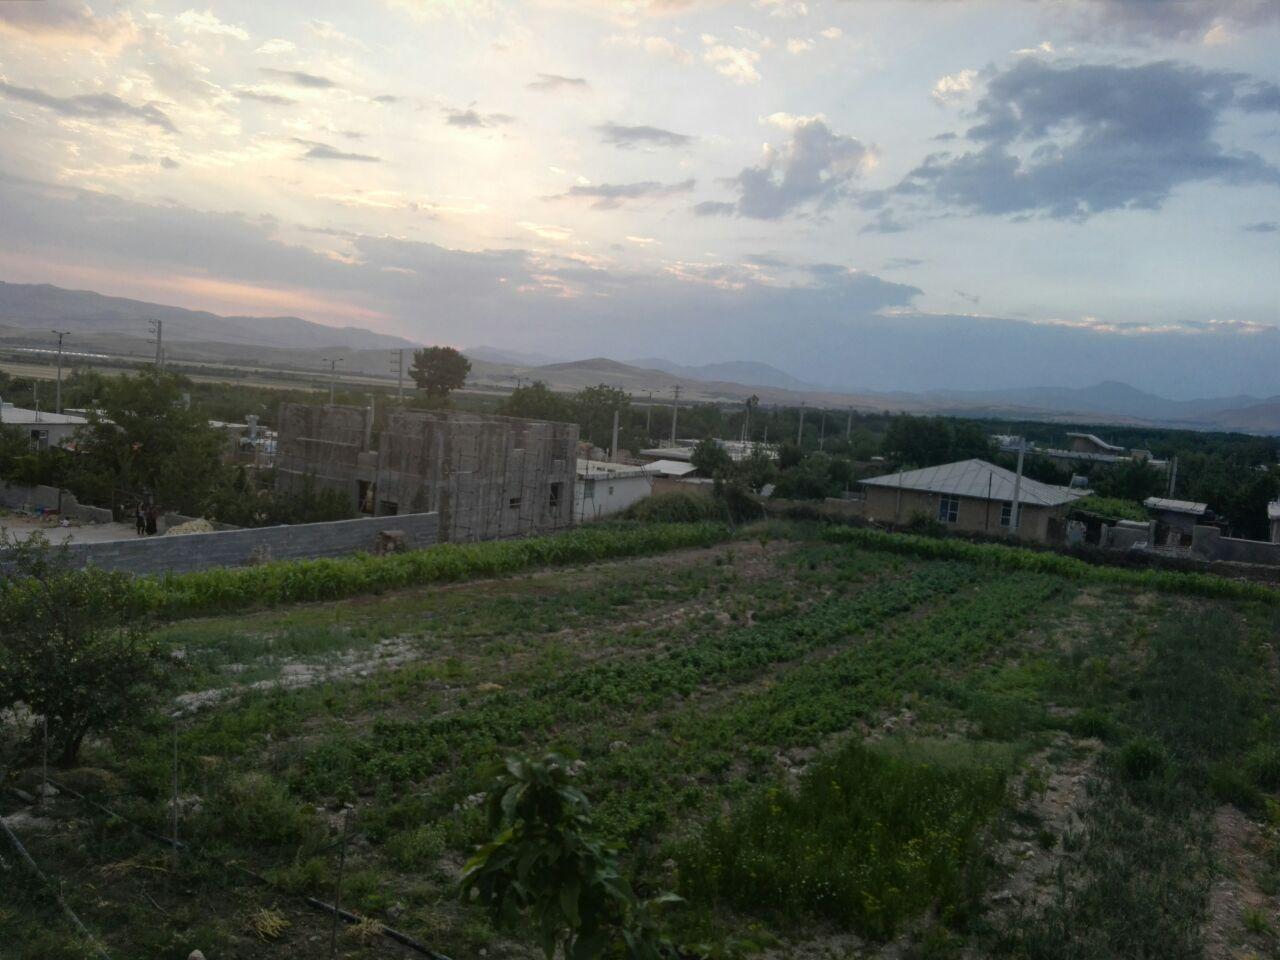 Giorno 1: Inizia la nostra giornata, soggiorna in una bellissima fattoria